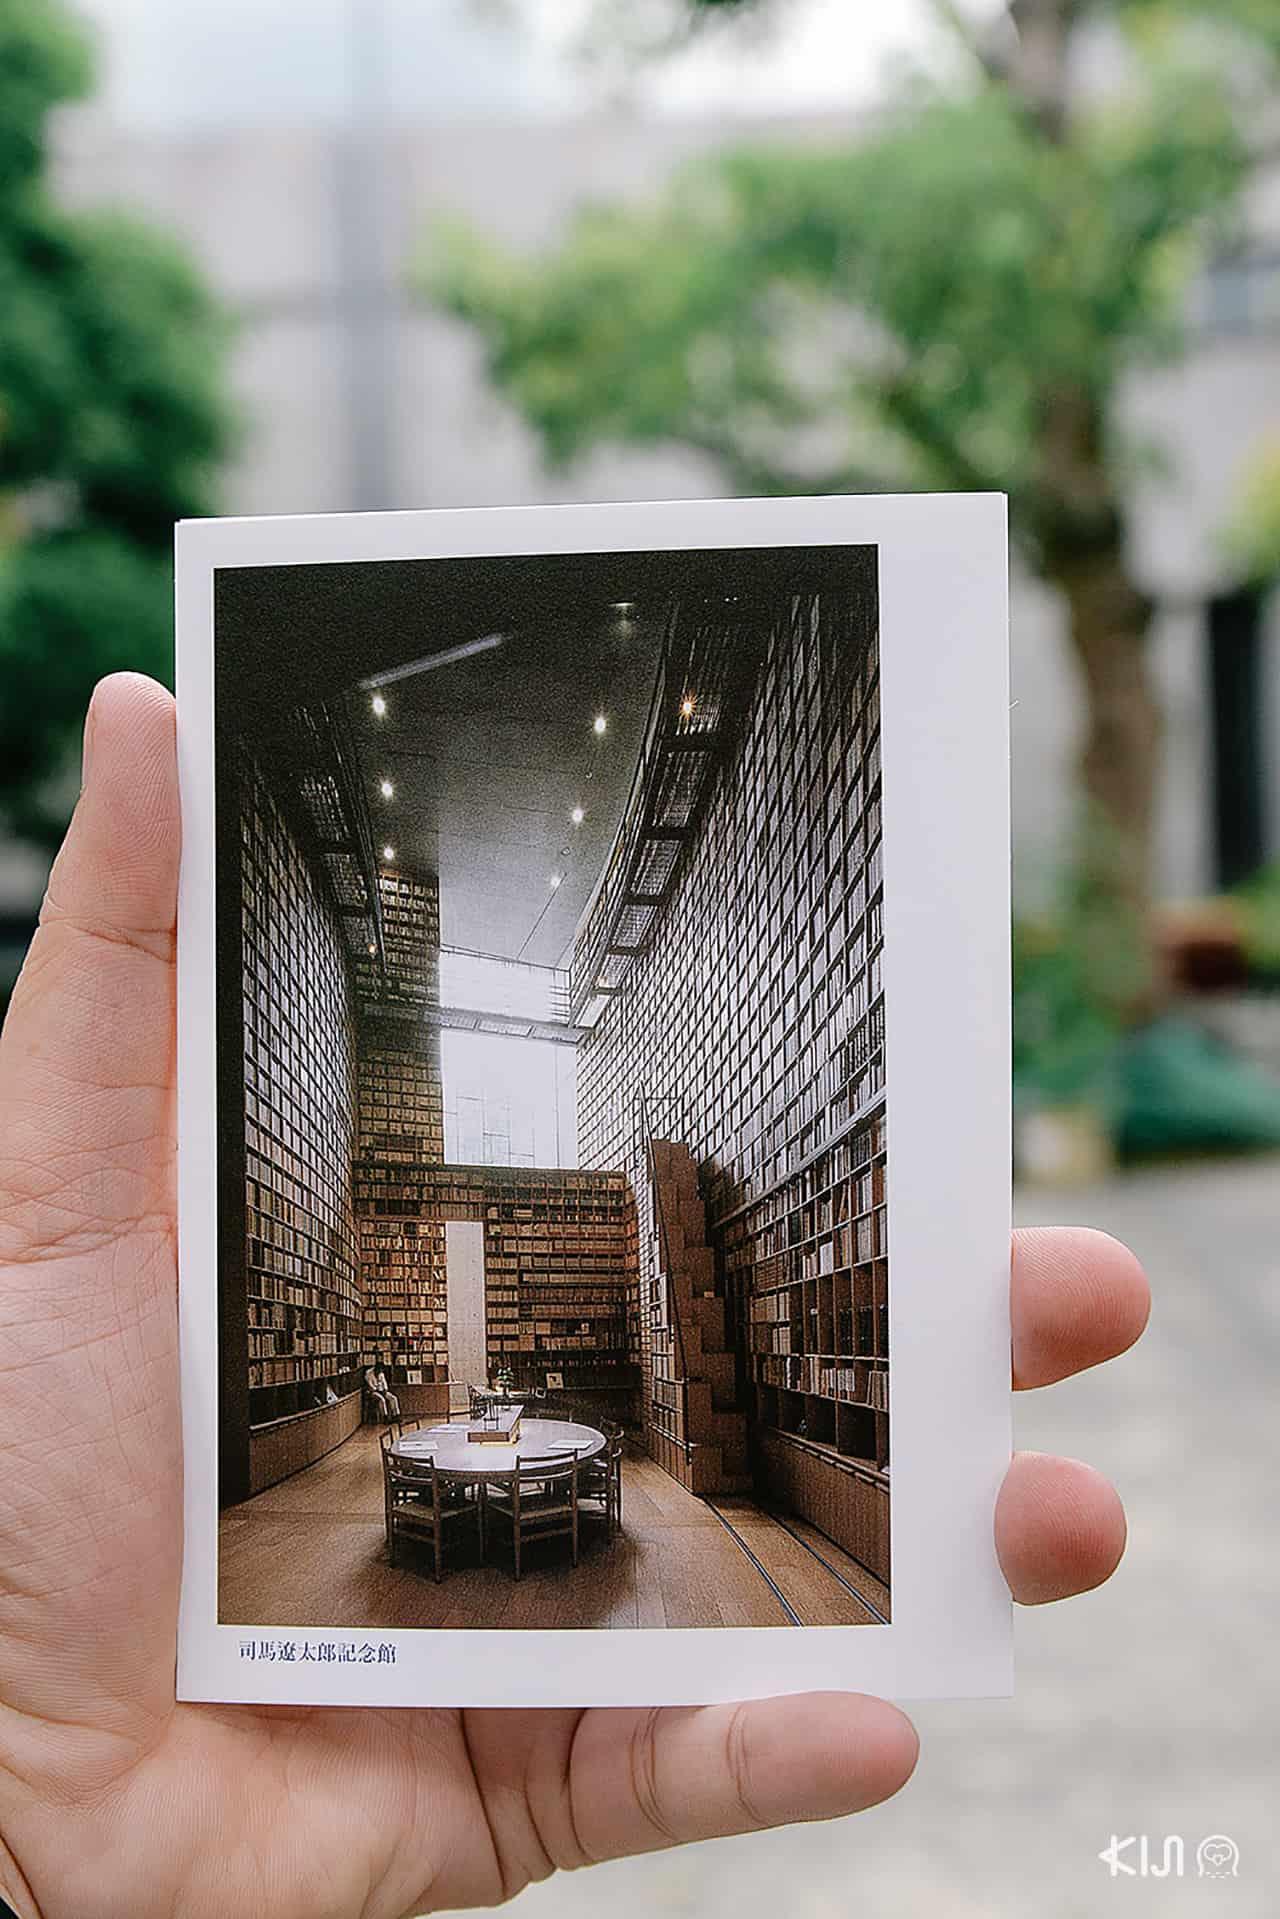 Shiba Ryotaro Memorial Museum ชั้นหนังสือสูงจรดฝ้าบนความสูงกว่า 2 ชั้น ที่มีหนังสือมากกว่า 20,000 เล่ม